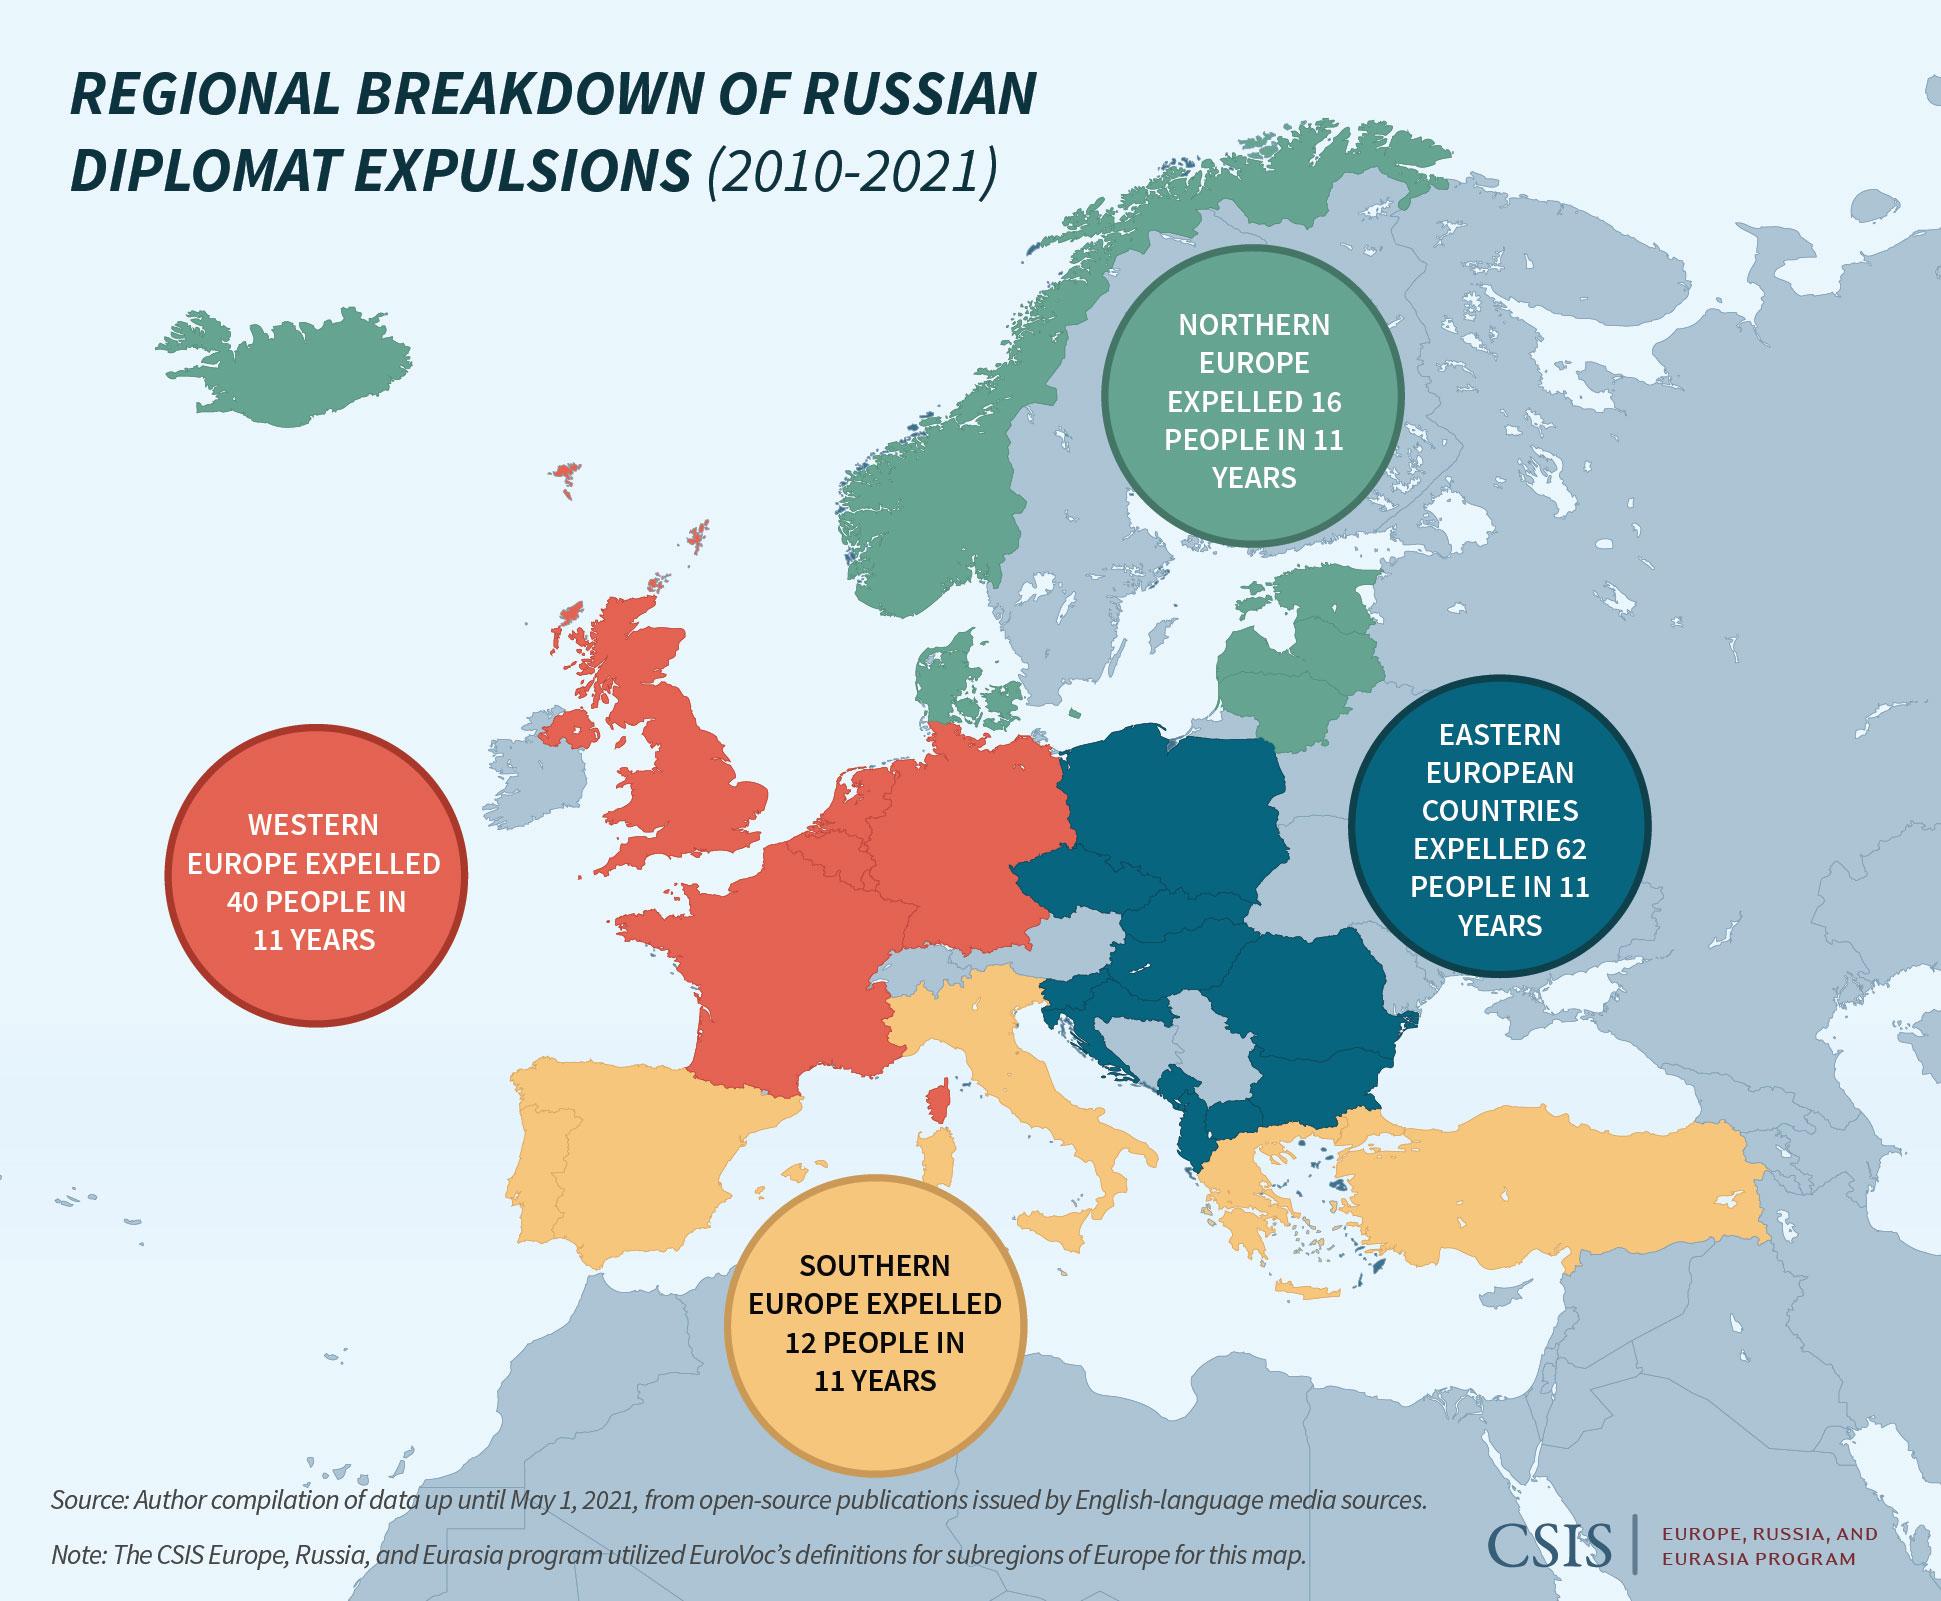 Os custos das expulsões diplomáticas russas e ocidentais. Parte 2.